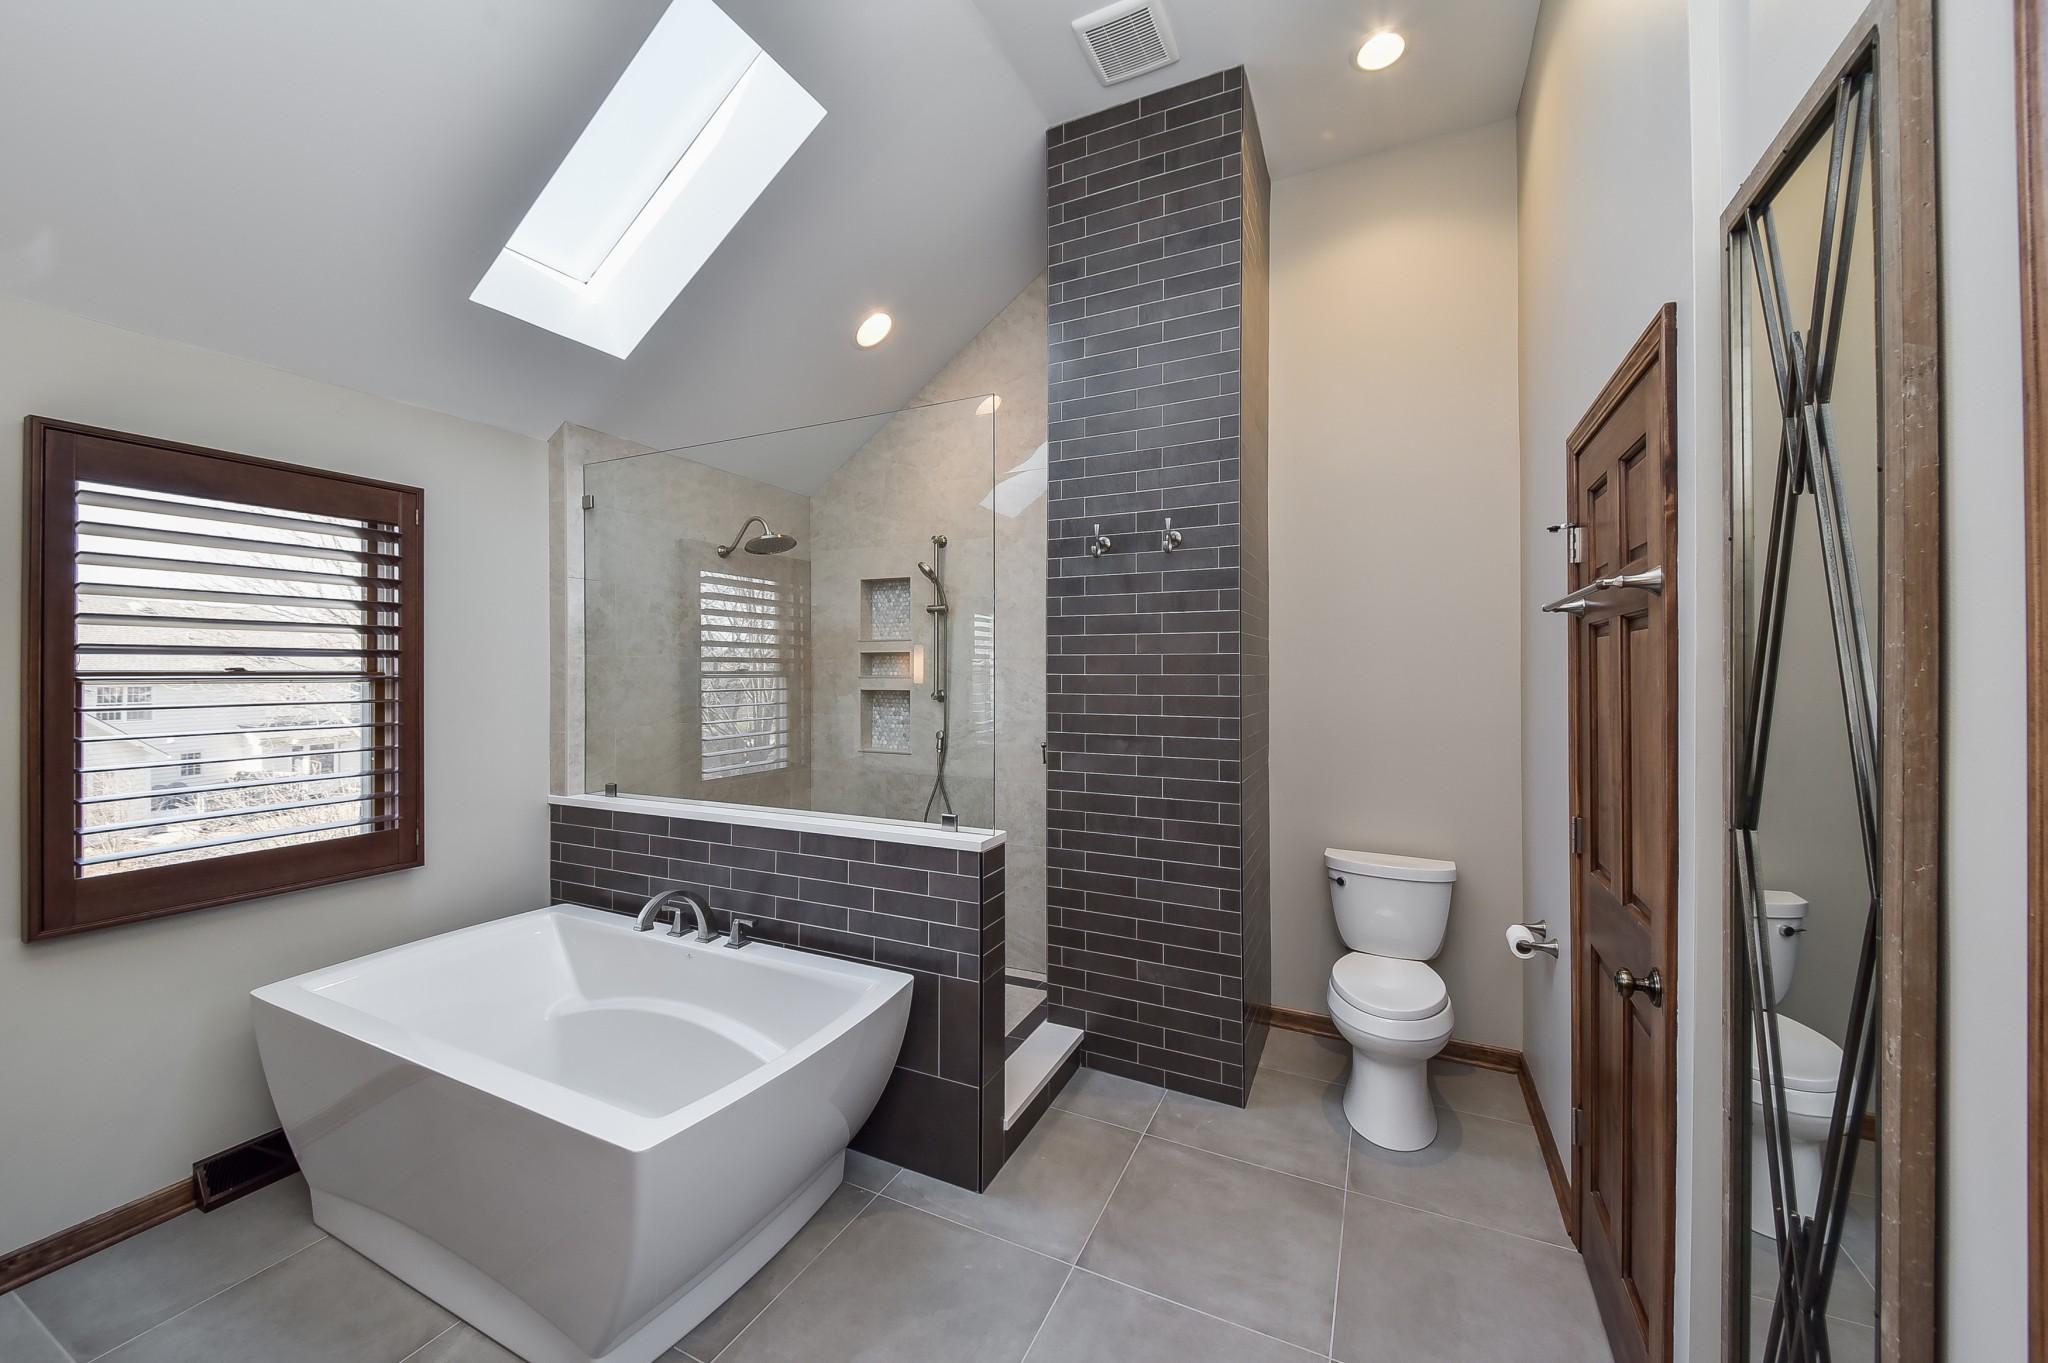 14 Bathroom Design Trends For 2020 Home Remodeling Contractors Sebring Design Build